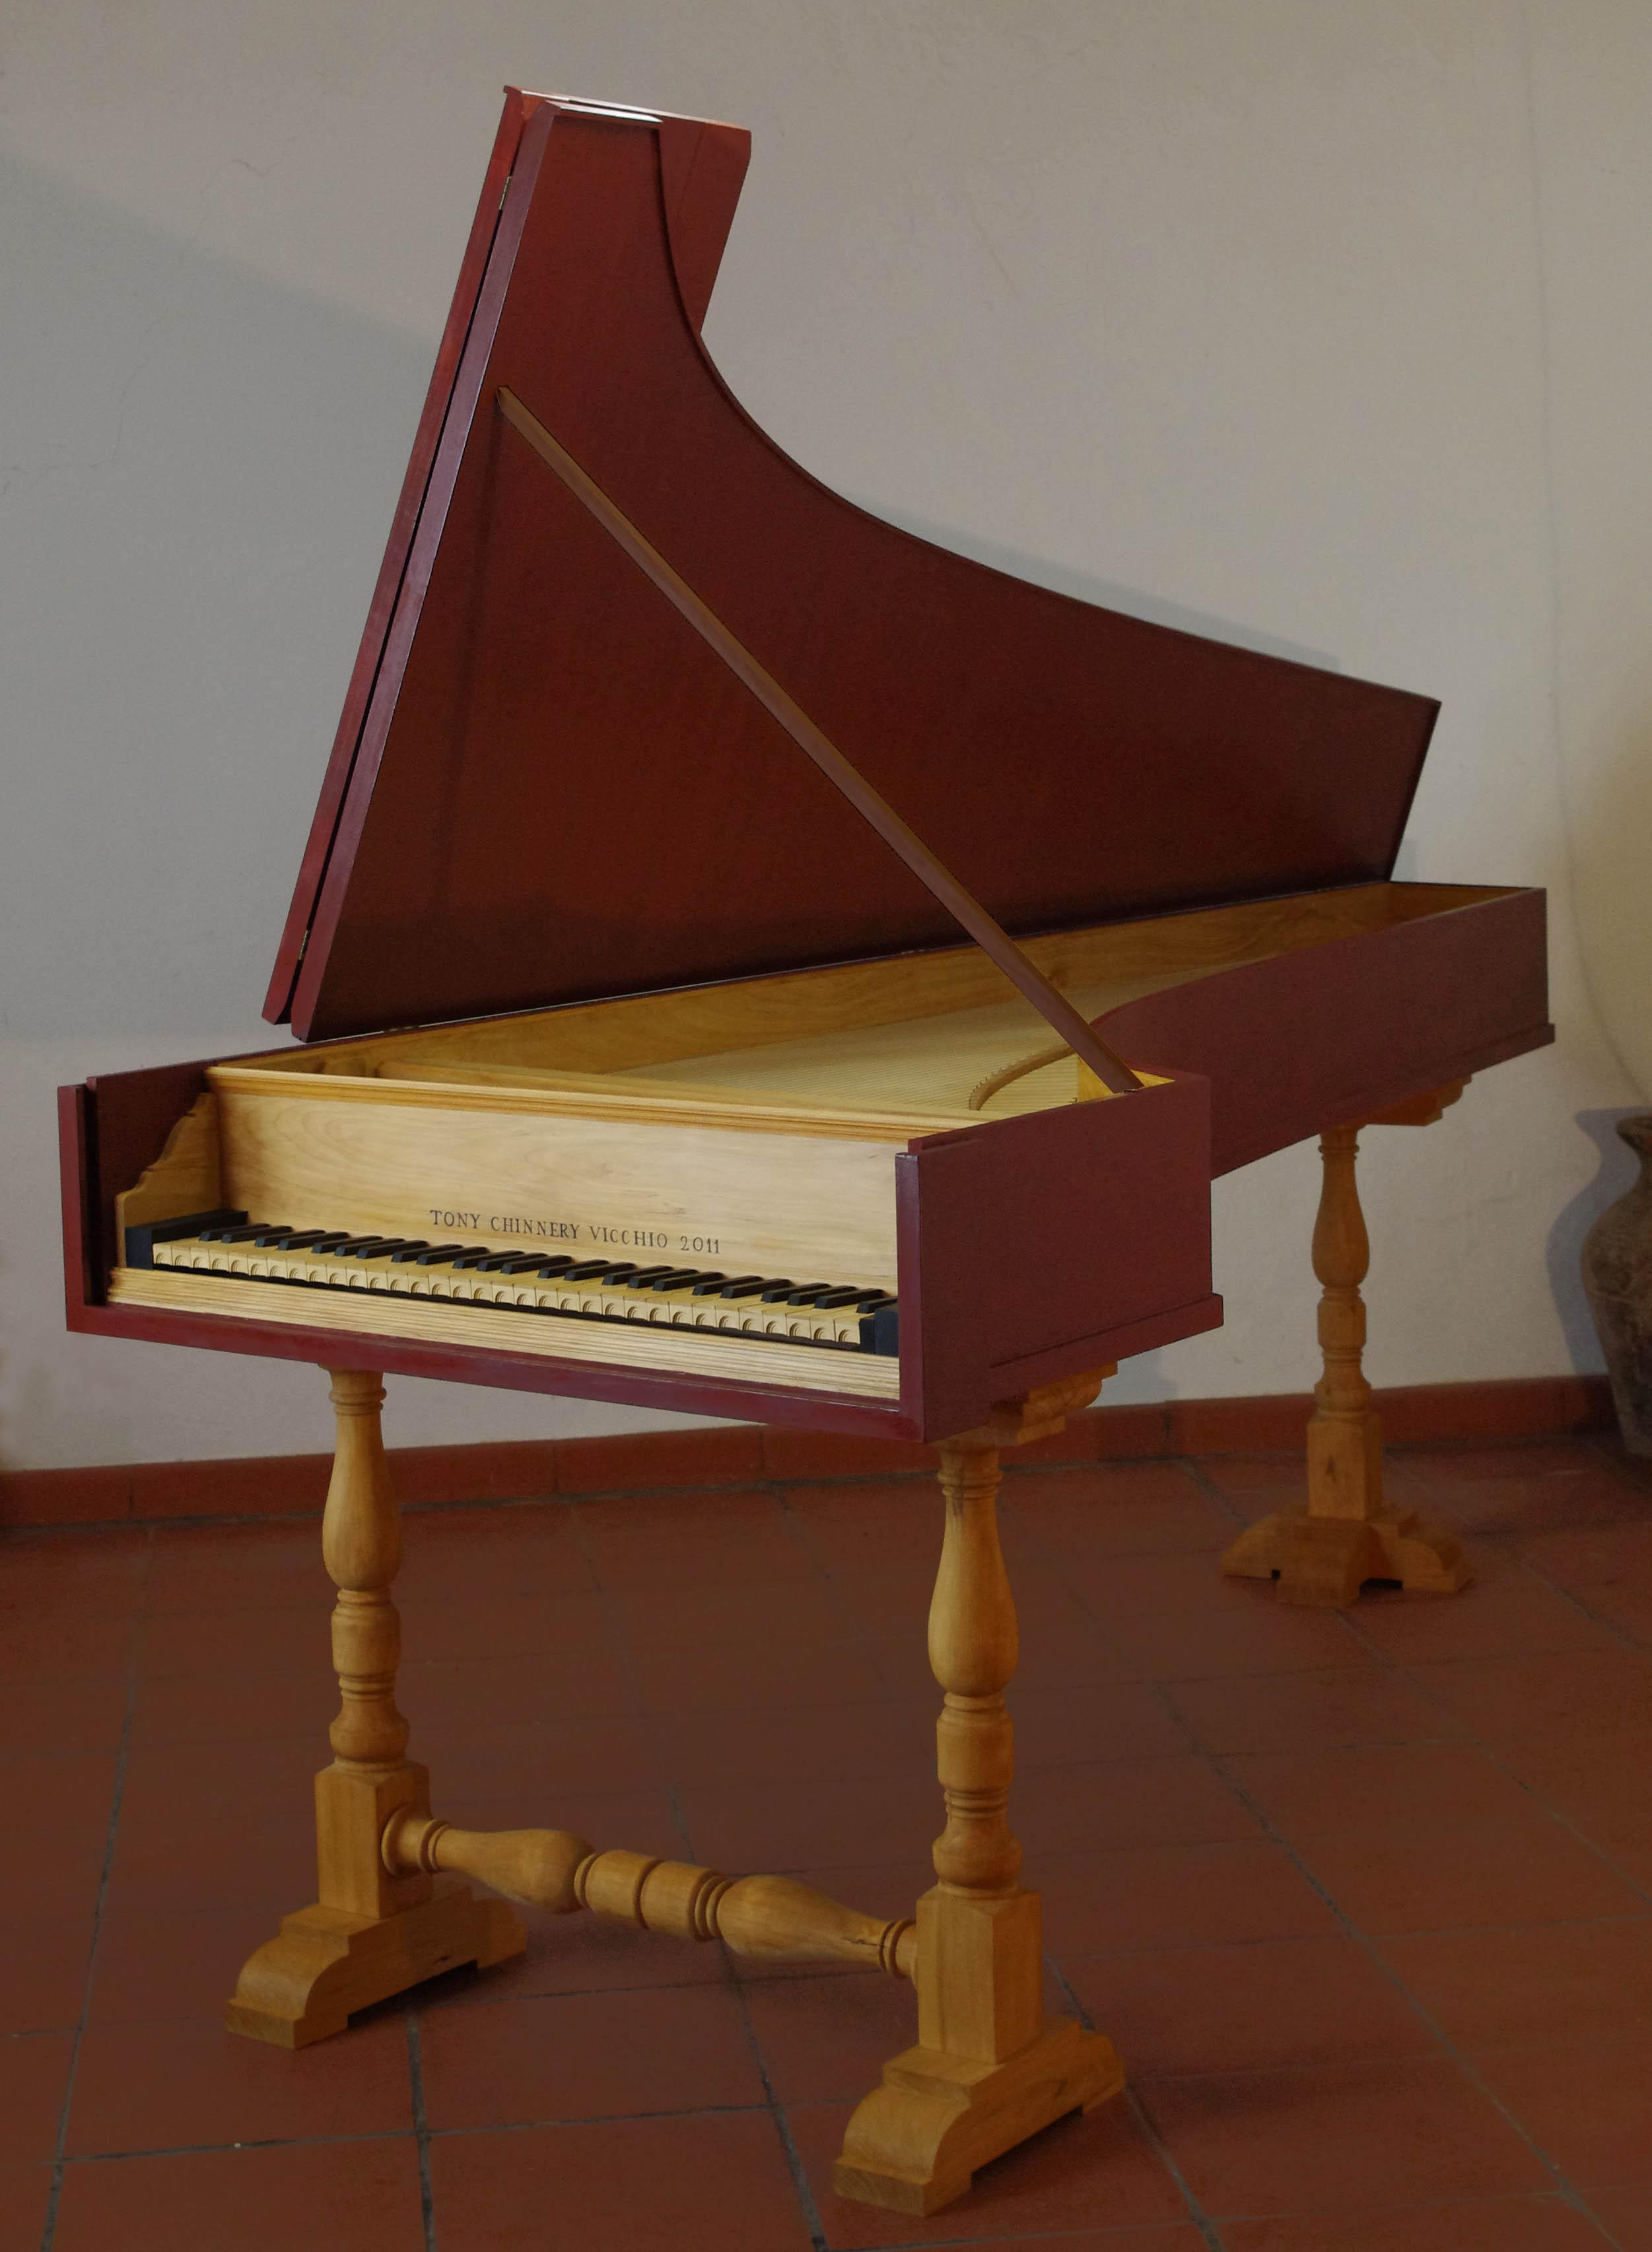 Muzički Instrumenti - Page 2 Ferrini-2011-2l-large